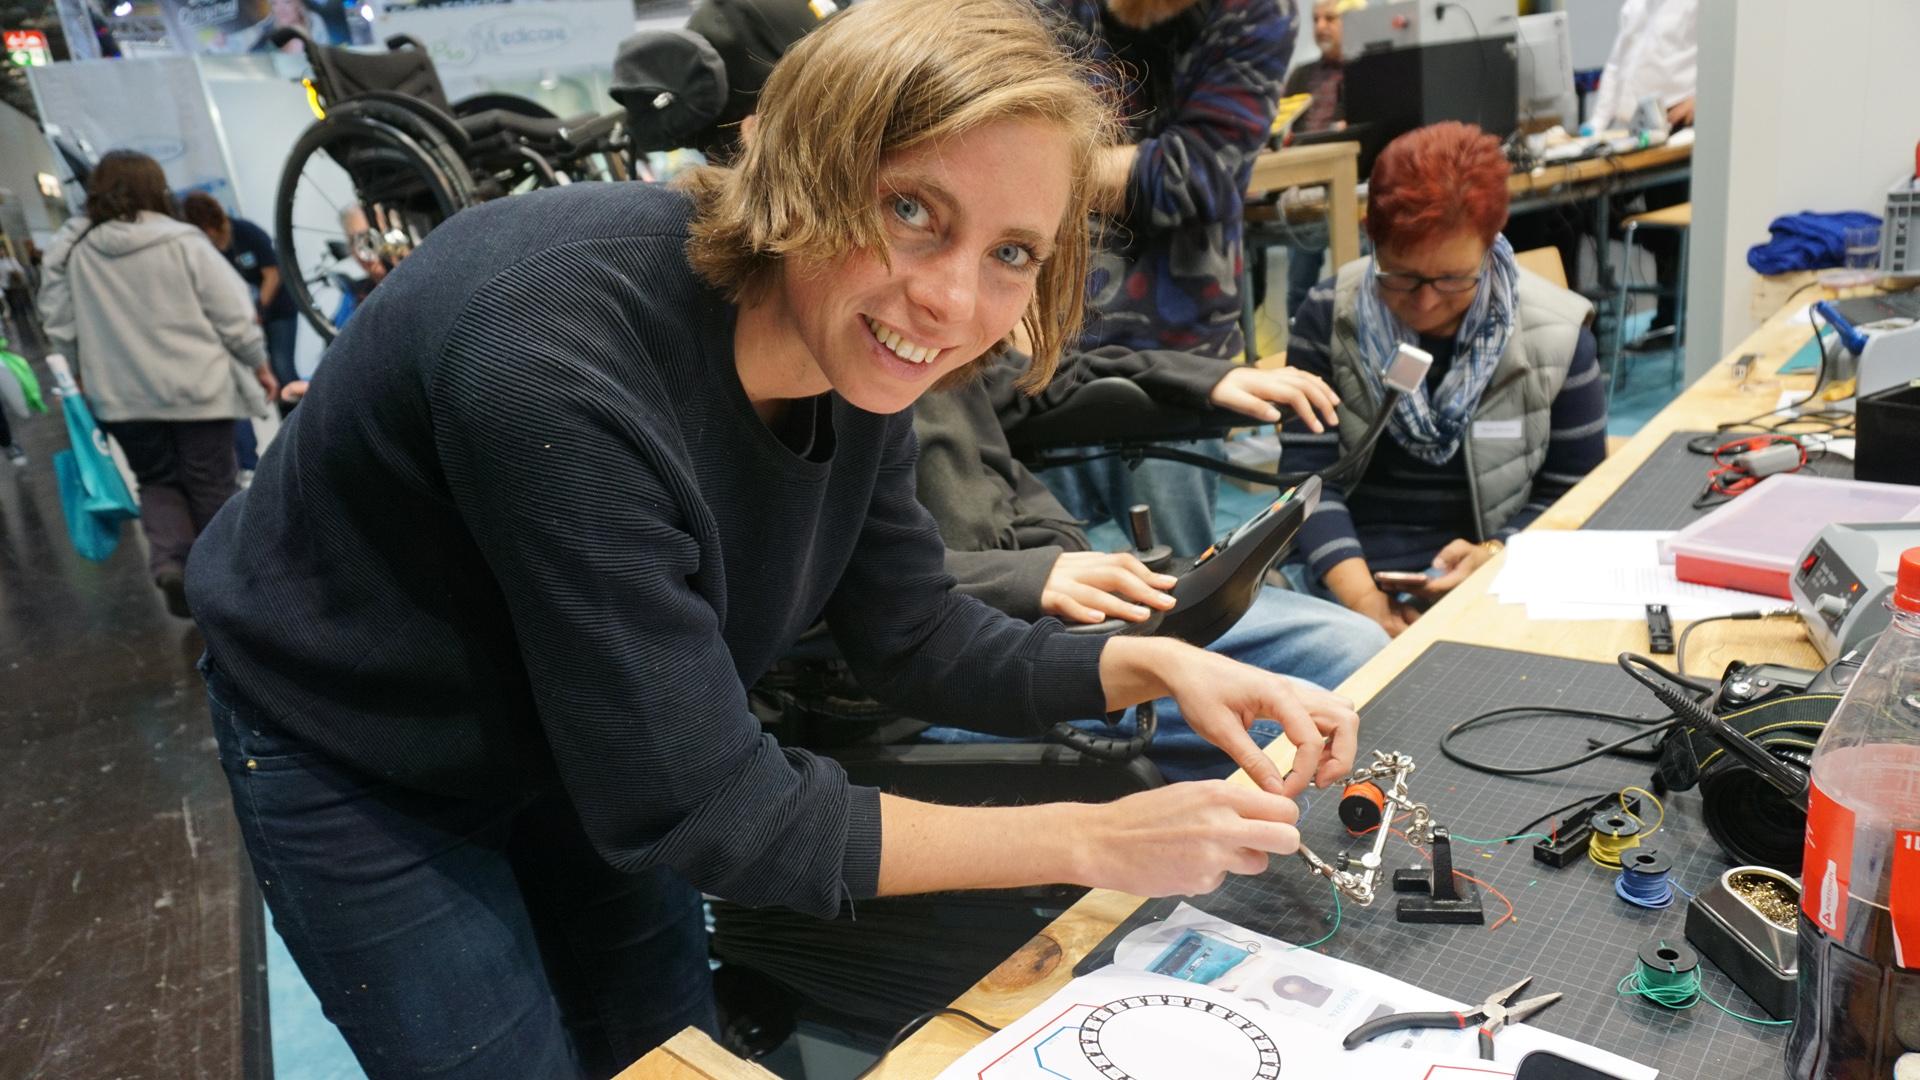 Eine Frau schaut lächelnd in die Kamera, während sie kleine Drähte zum Löten in der Hand hält.